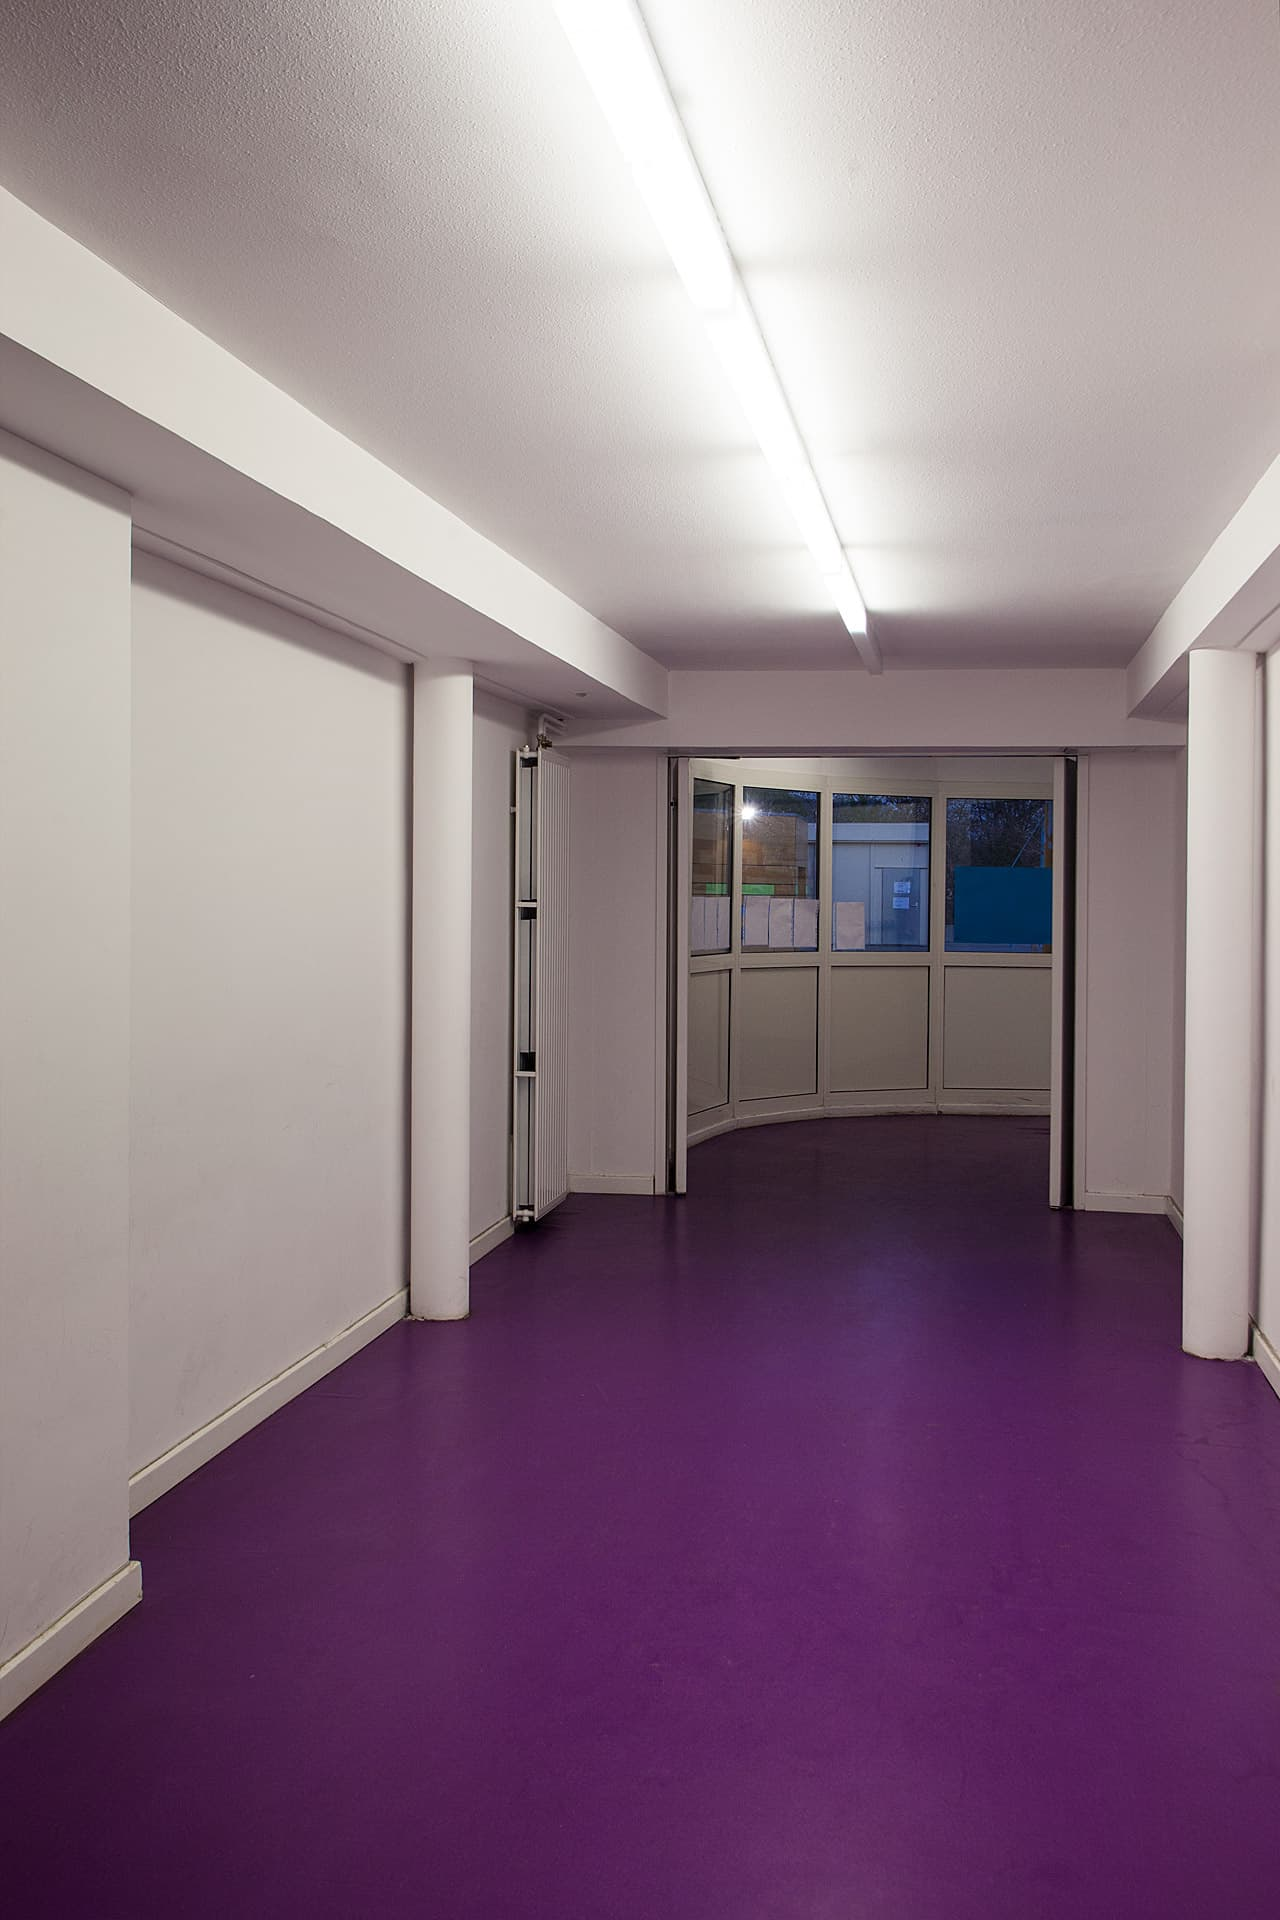 Eclairage de couloir de l'école ouvrière